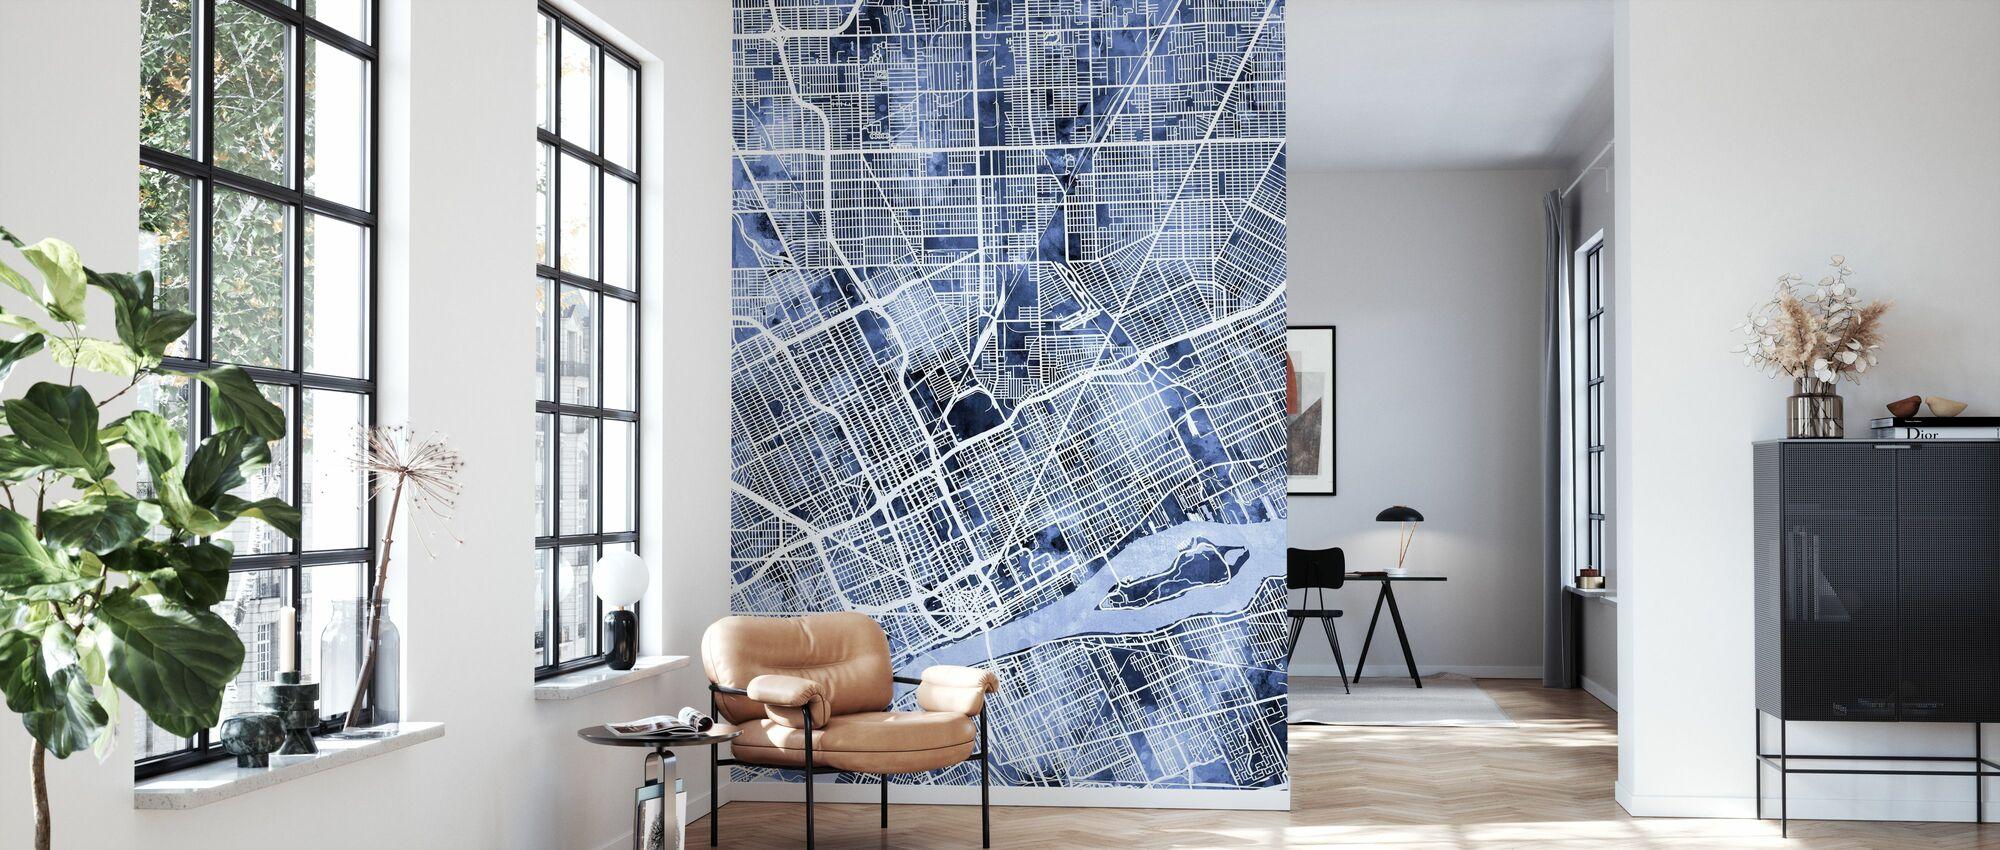 Detroit Michigan City Map - Wallpaper - Living Room